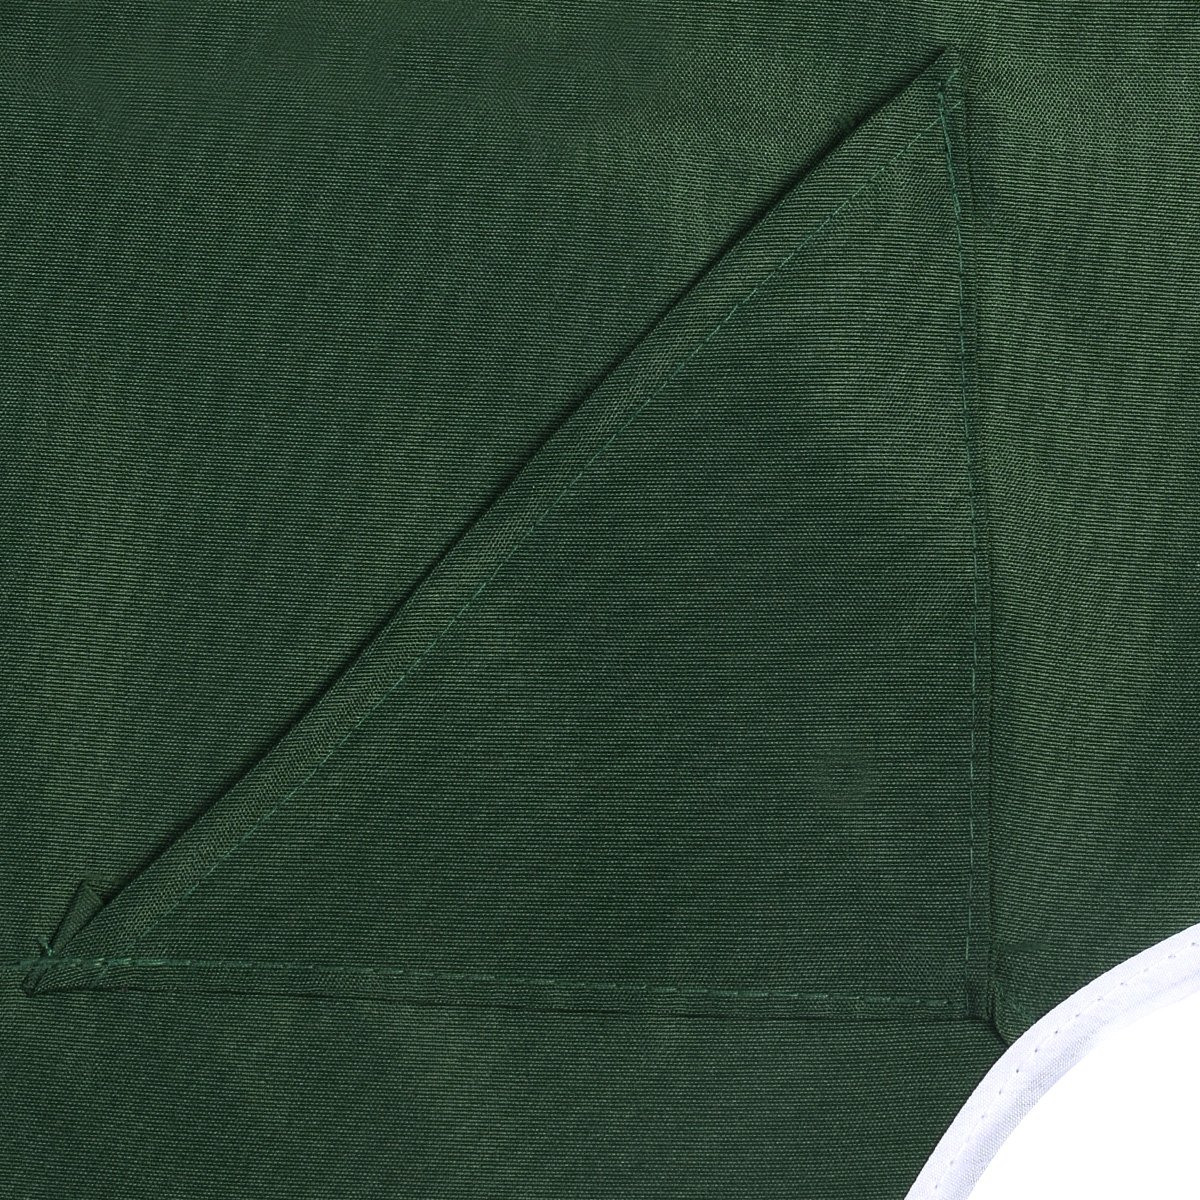 168x114cm, Beige Blitzzauber24 Tetto per Dondolo da Giardino Copertura di Ricambio Universale per Dondolo in Poliestere